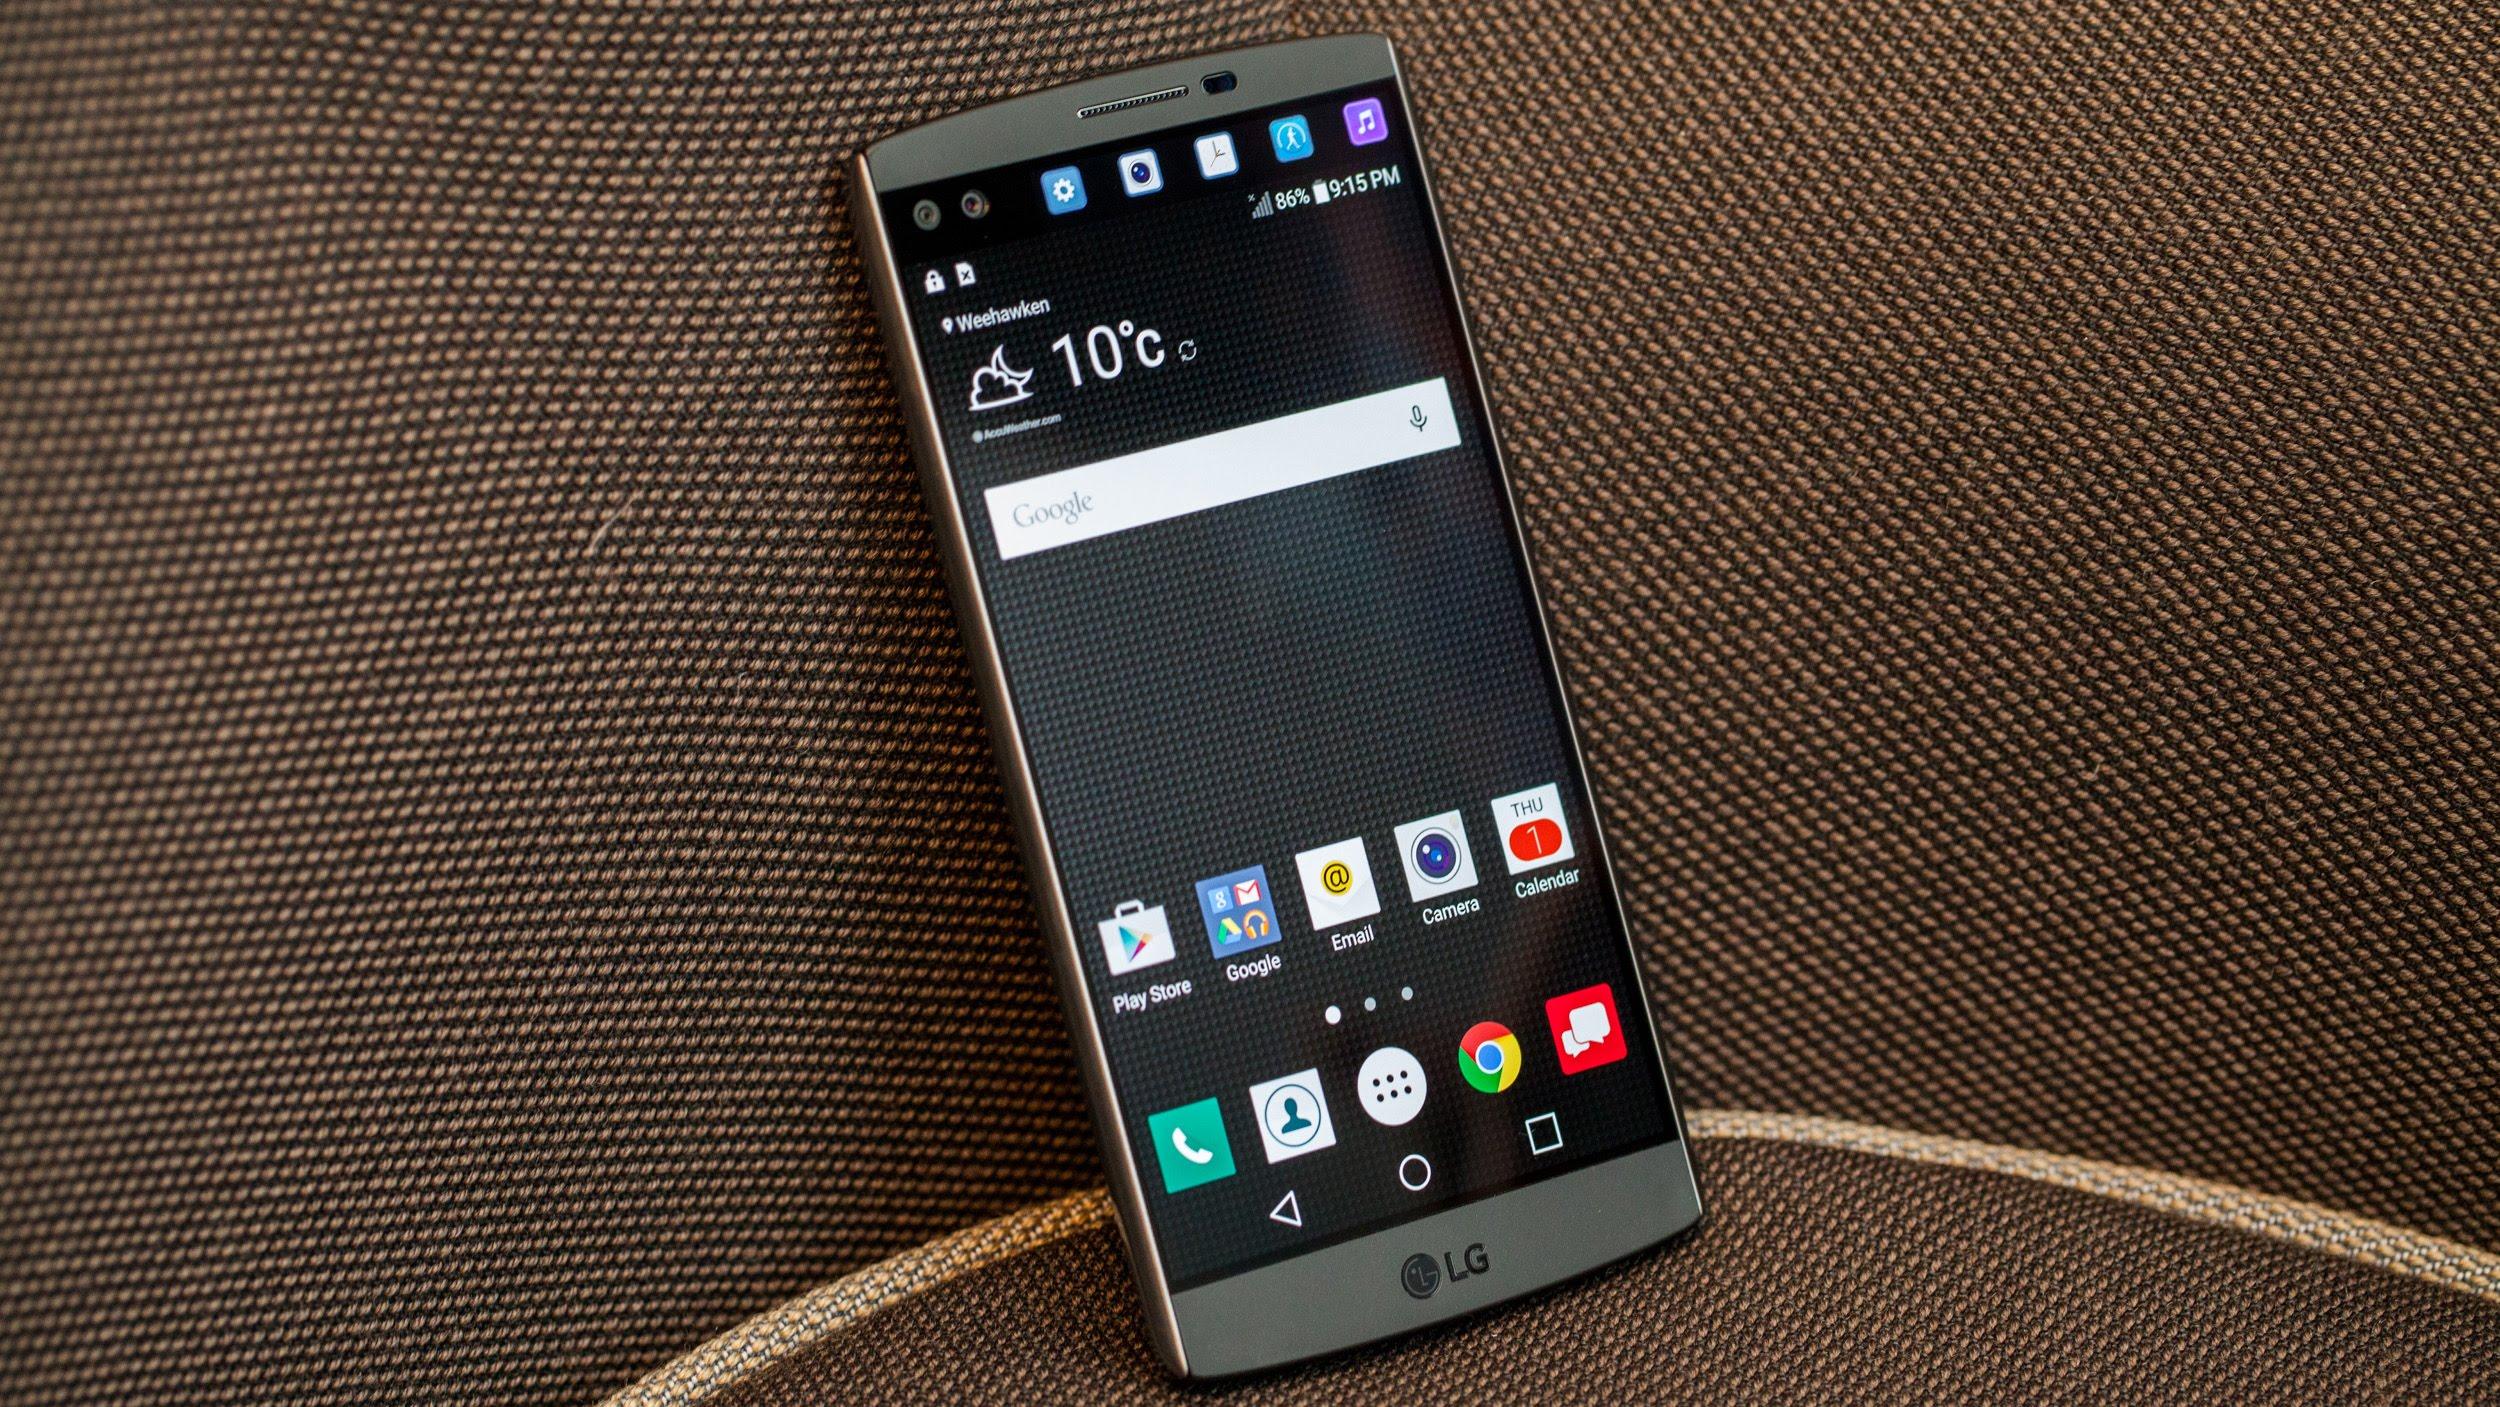 Migliori smartphone LG: guida all'acquisto